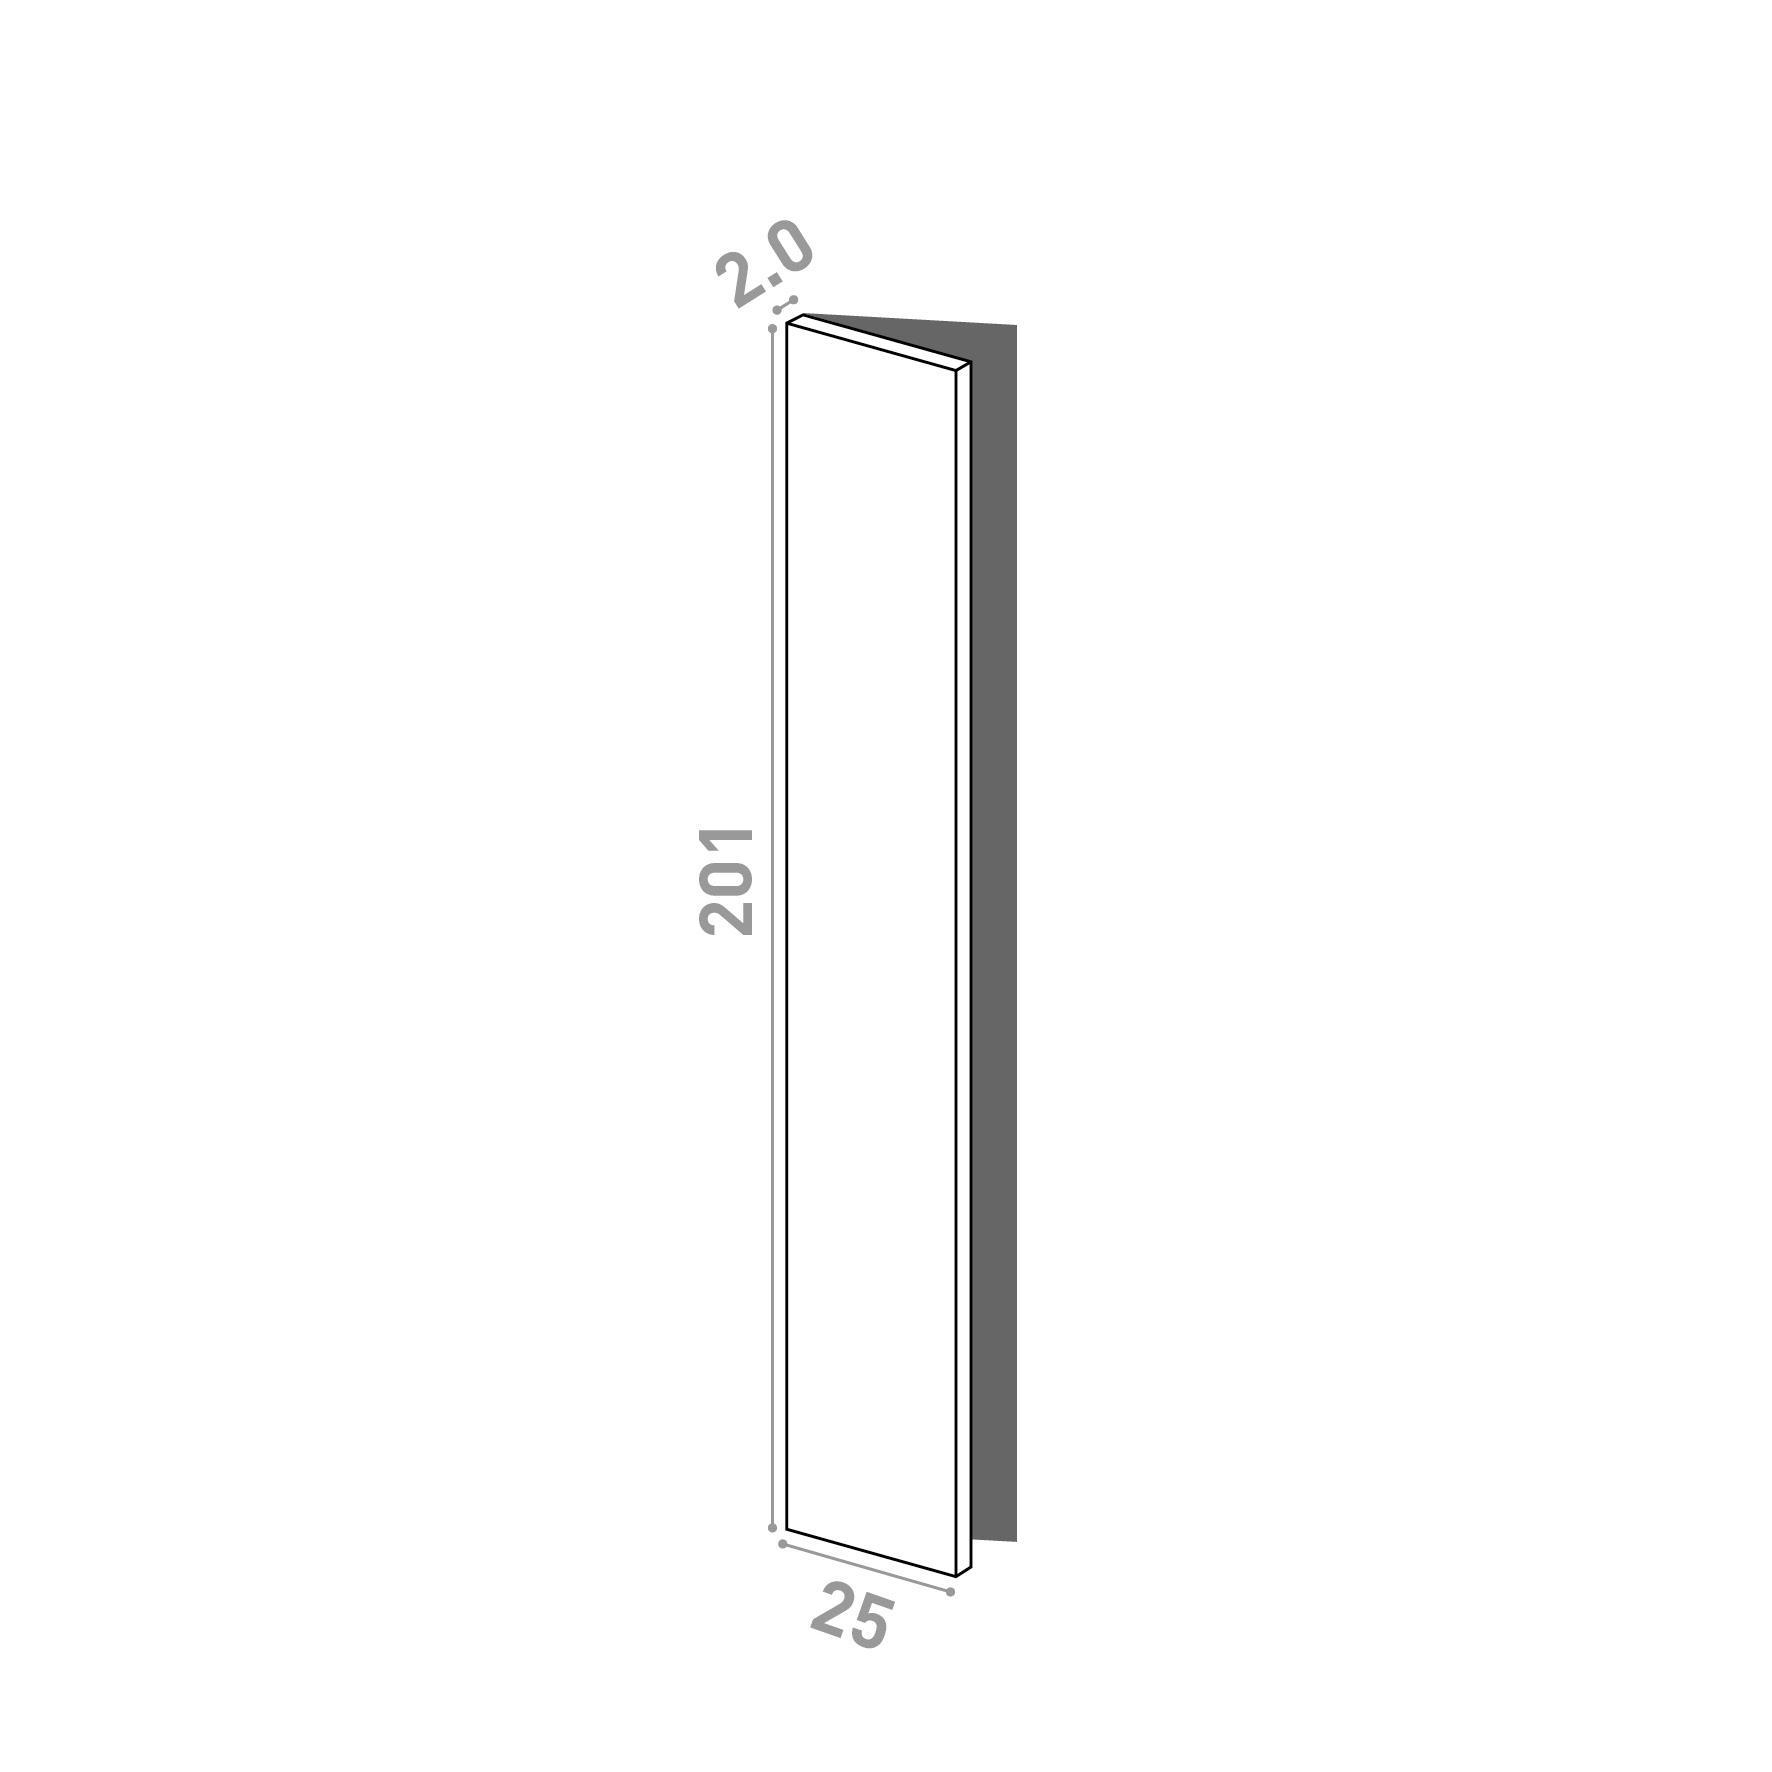 Porte 25x201cm - charnières à gauche | design lisse | noyer naturel